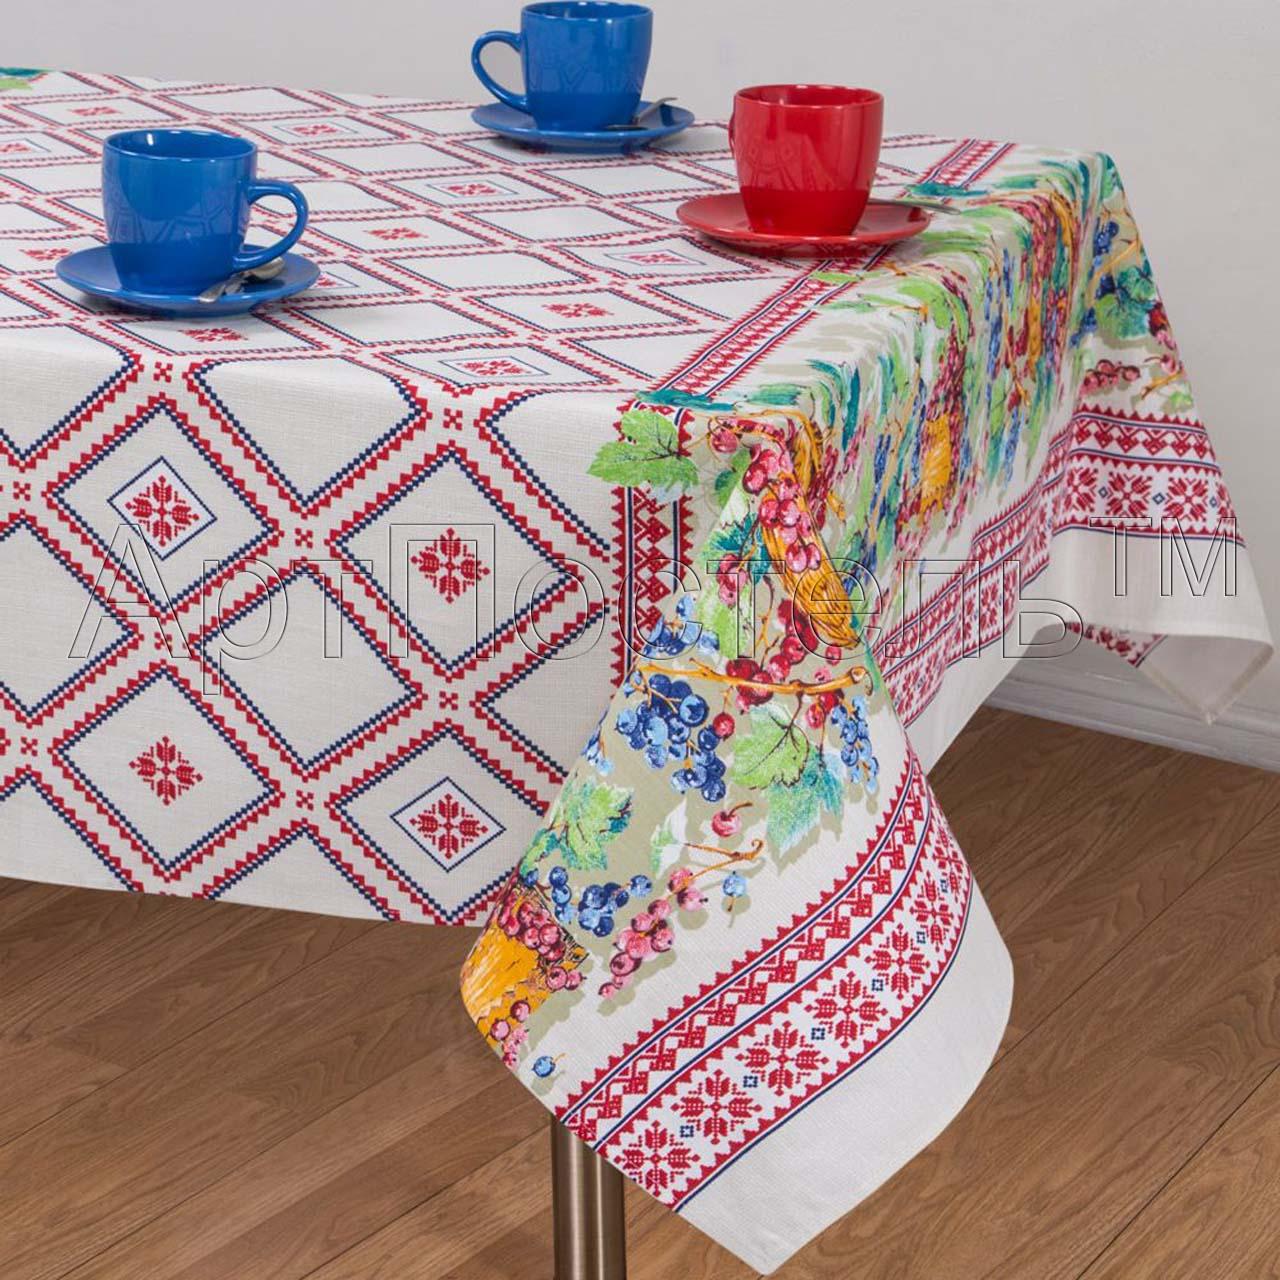 Скатерть  Сладкая ягода  р. 260х145 - Текстиль для дома артикул: 29810